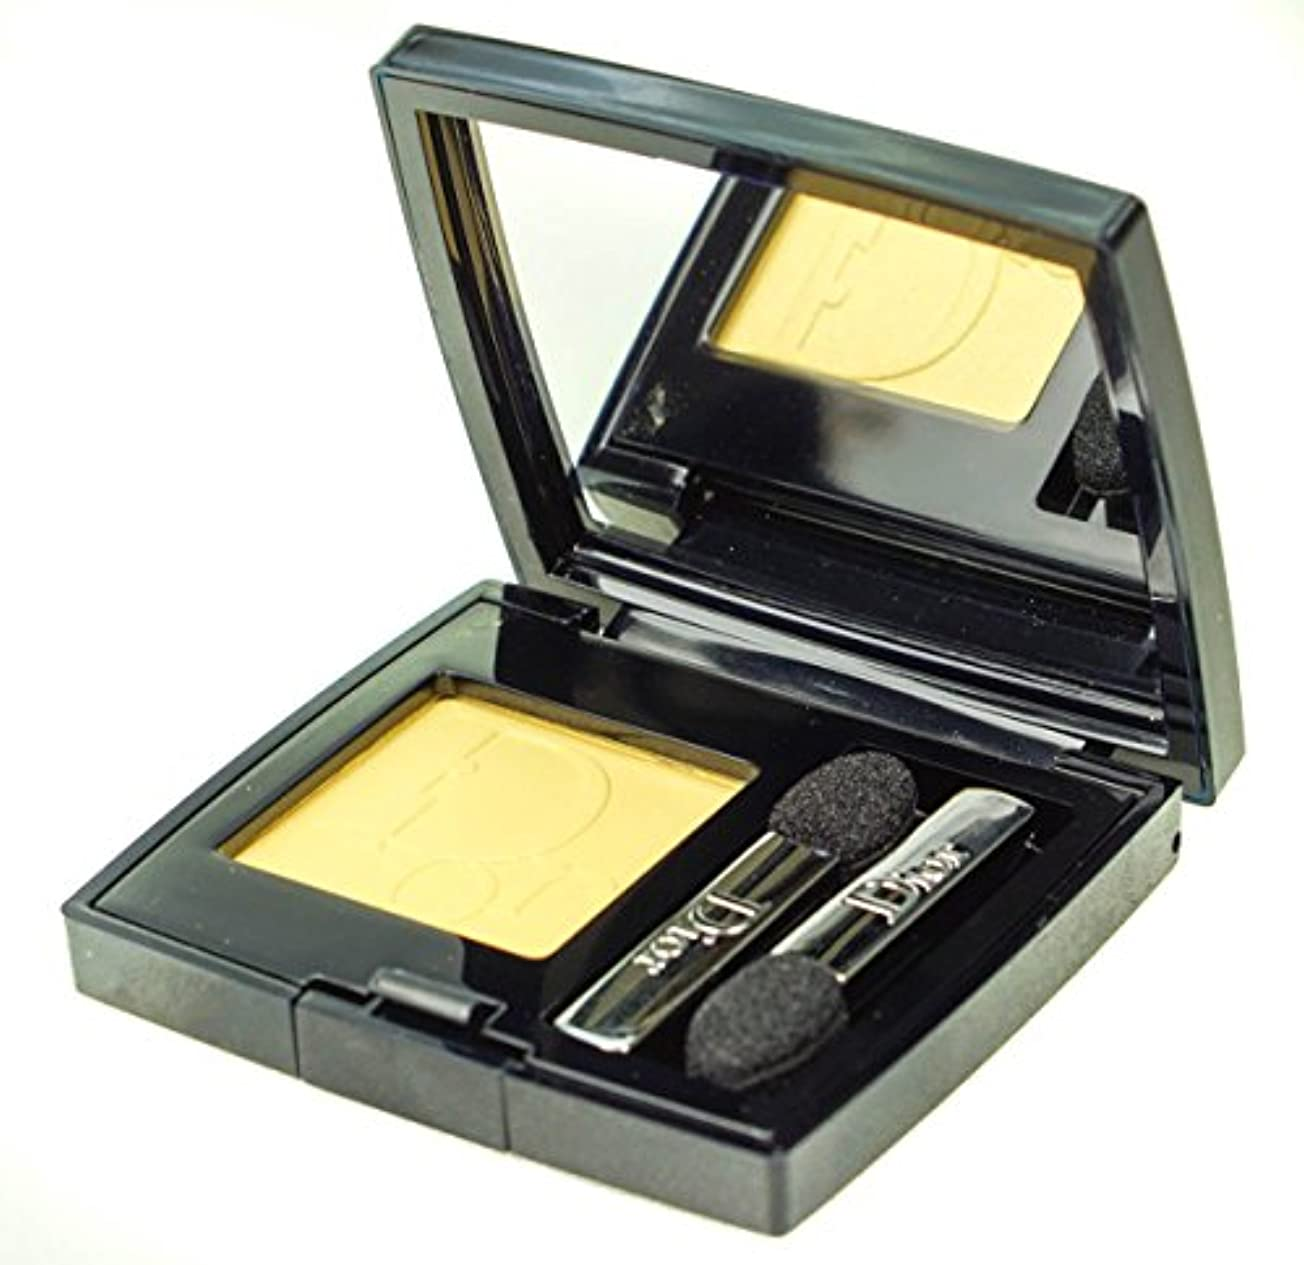 フラスコ盲信欠席クリスチャンディオール Diorshow Mono Wet & Dry Backstage Eyeshadow - # 547 Yellow 2.2g/0.07oz